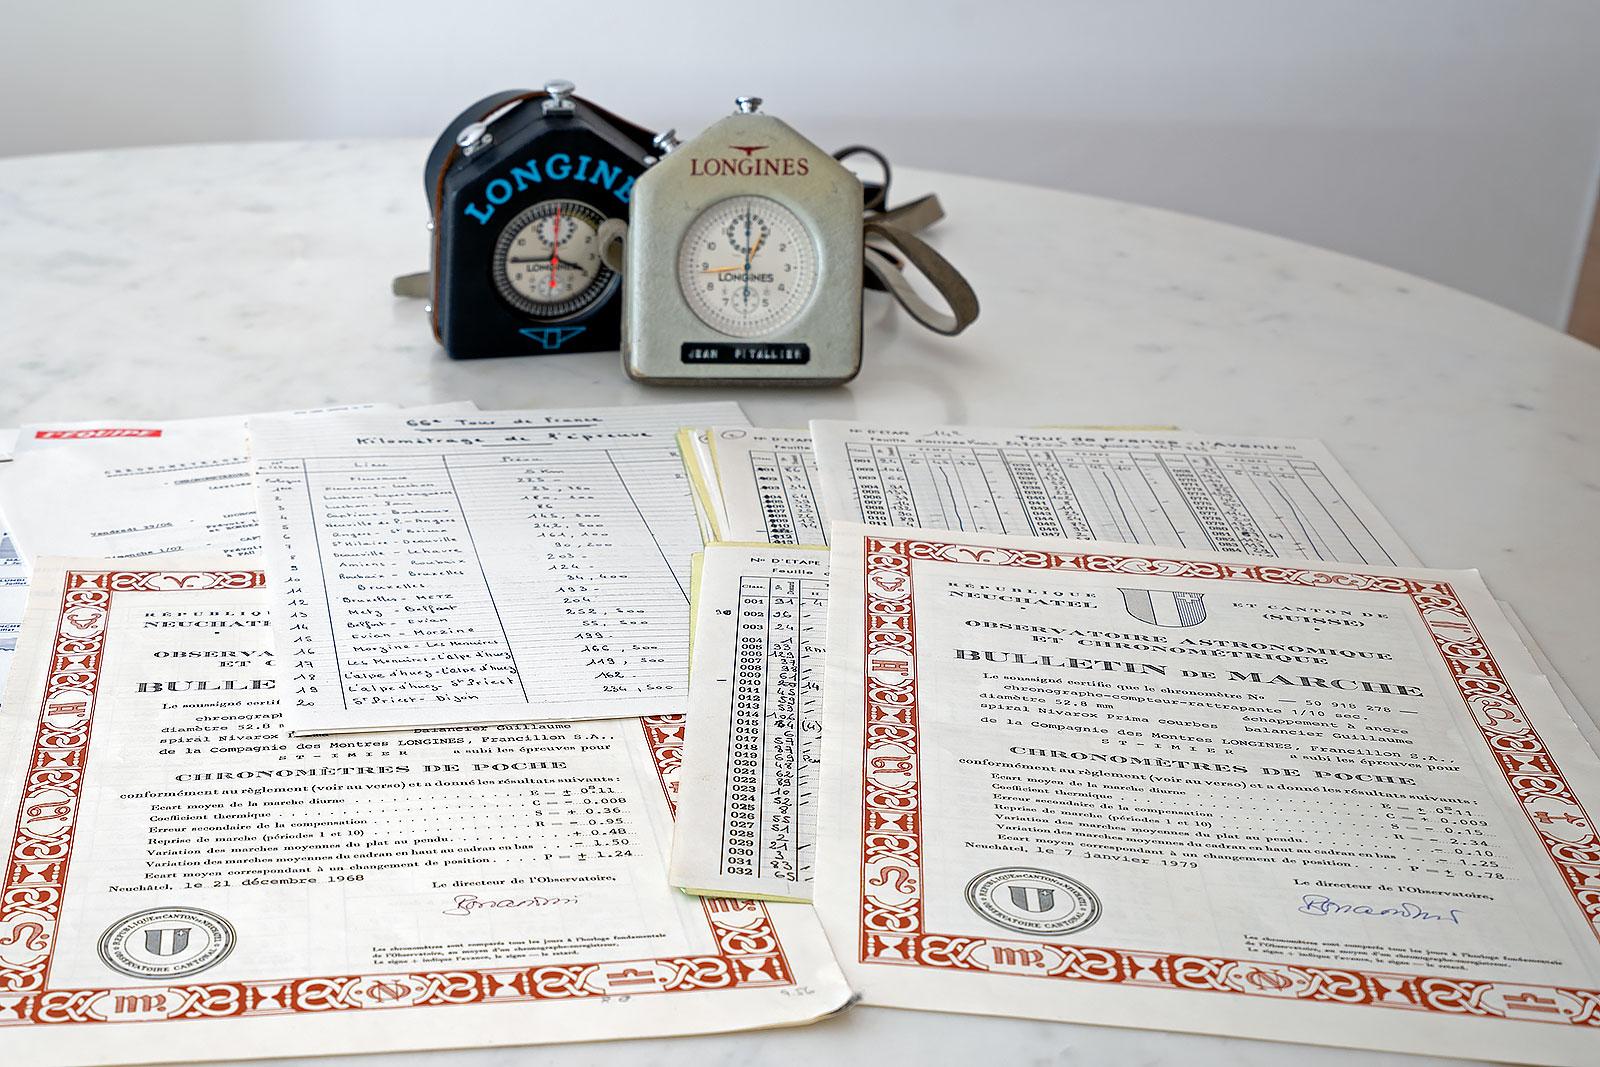 Longines chronograph tour de france pitallier 1